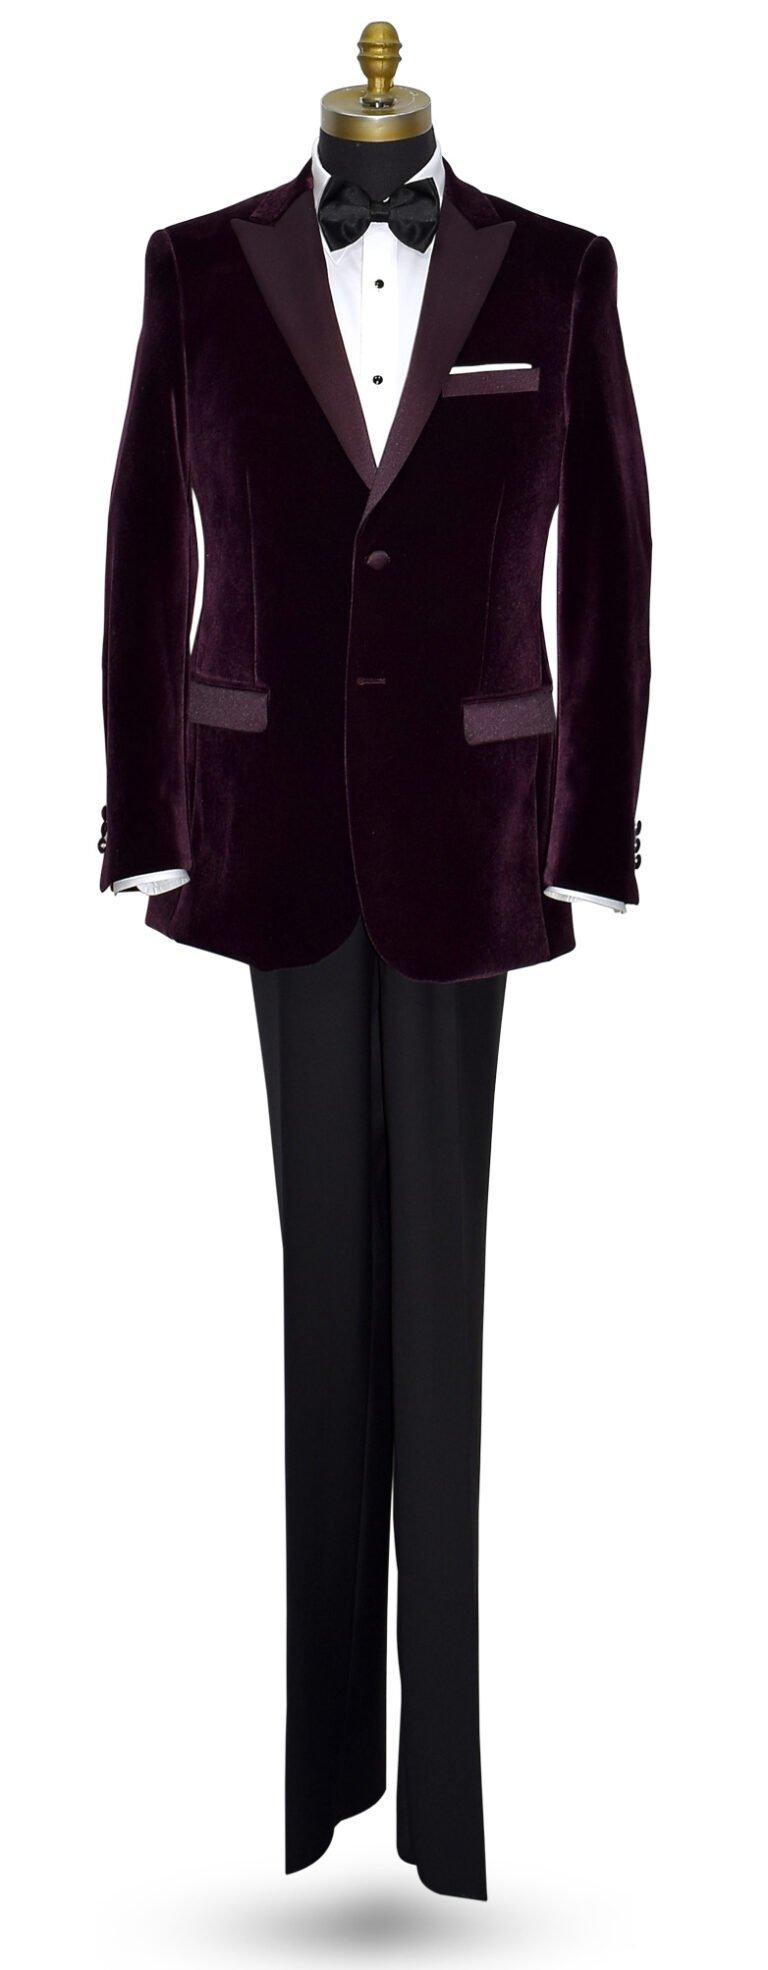 Plumb Velvet Tuxedo Jacket